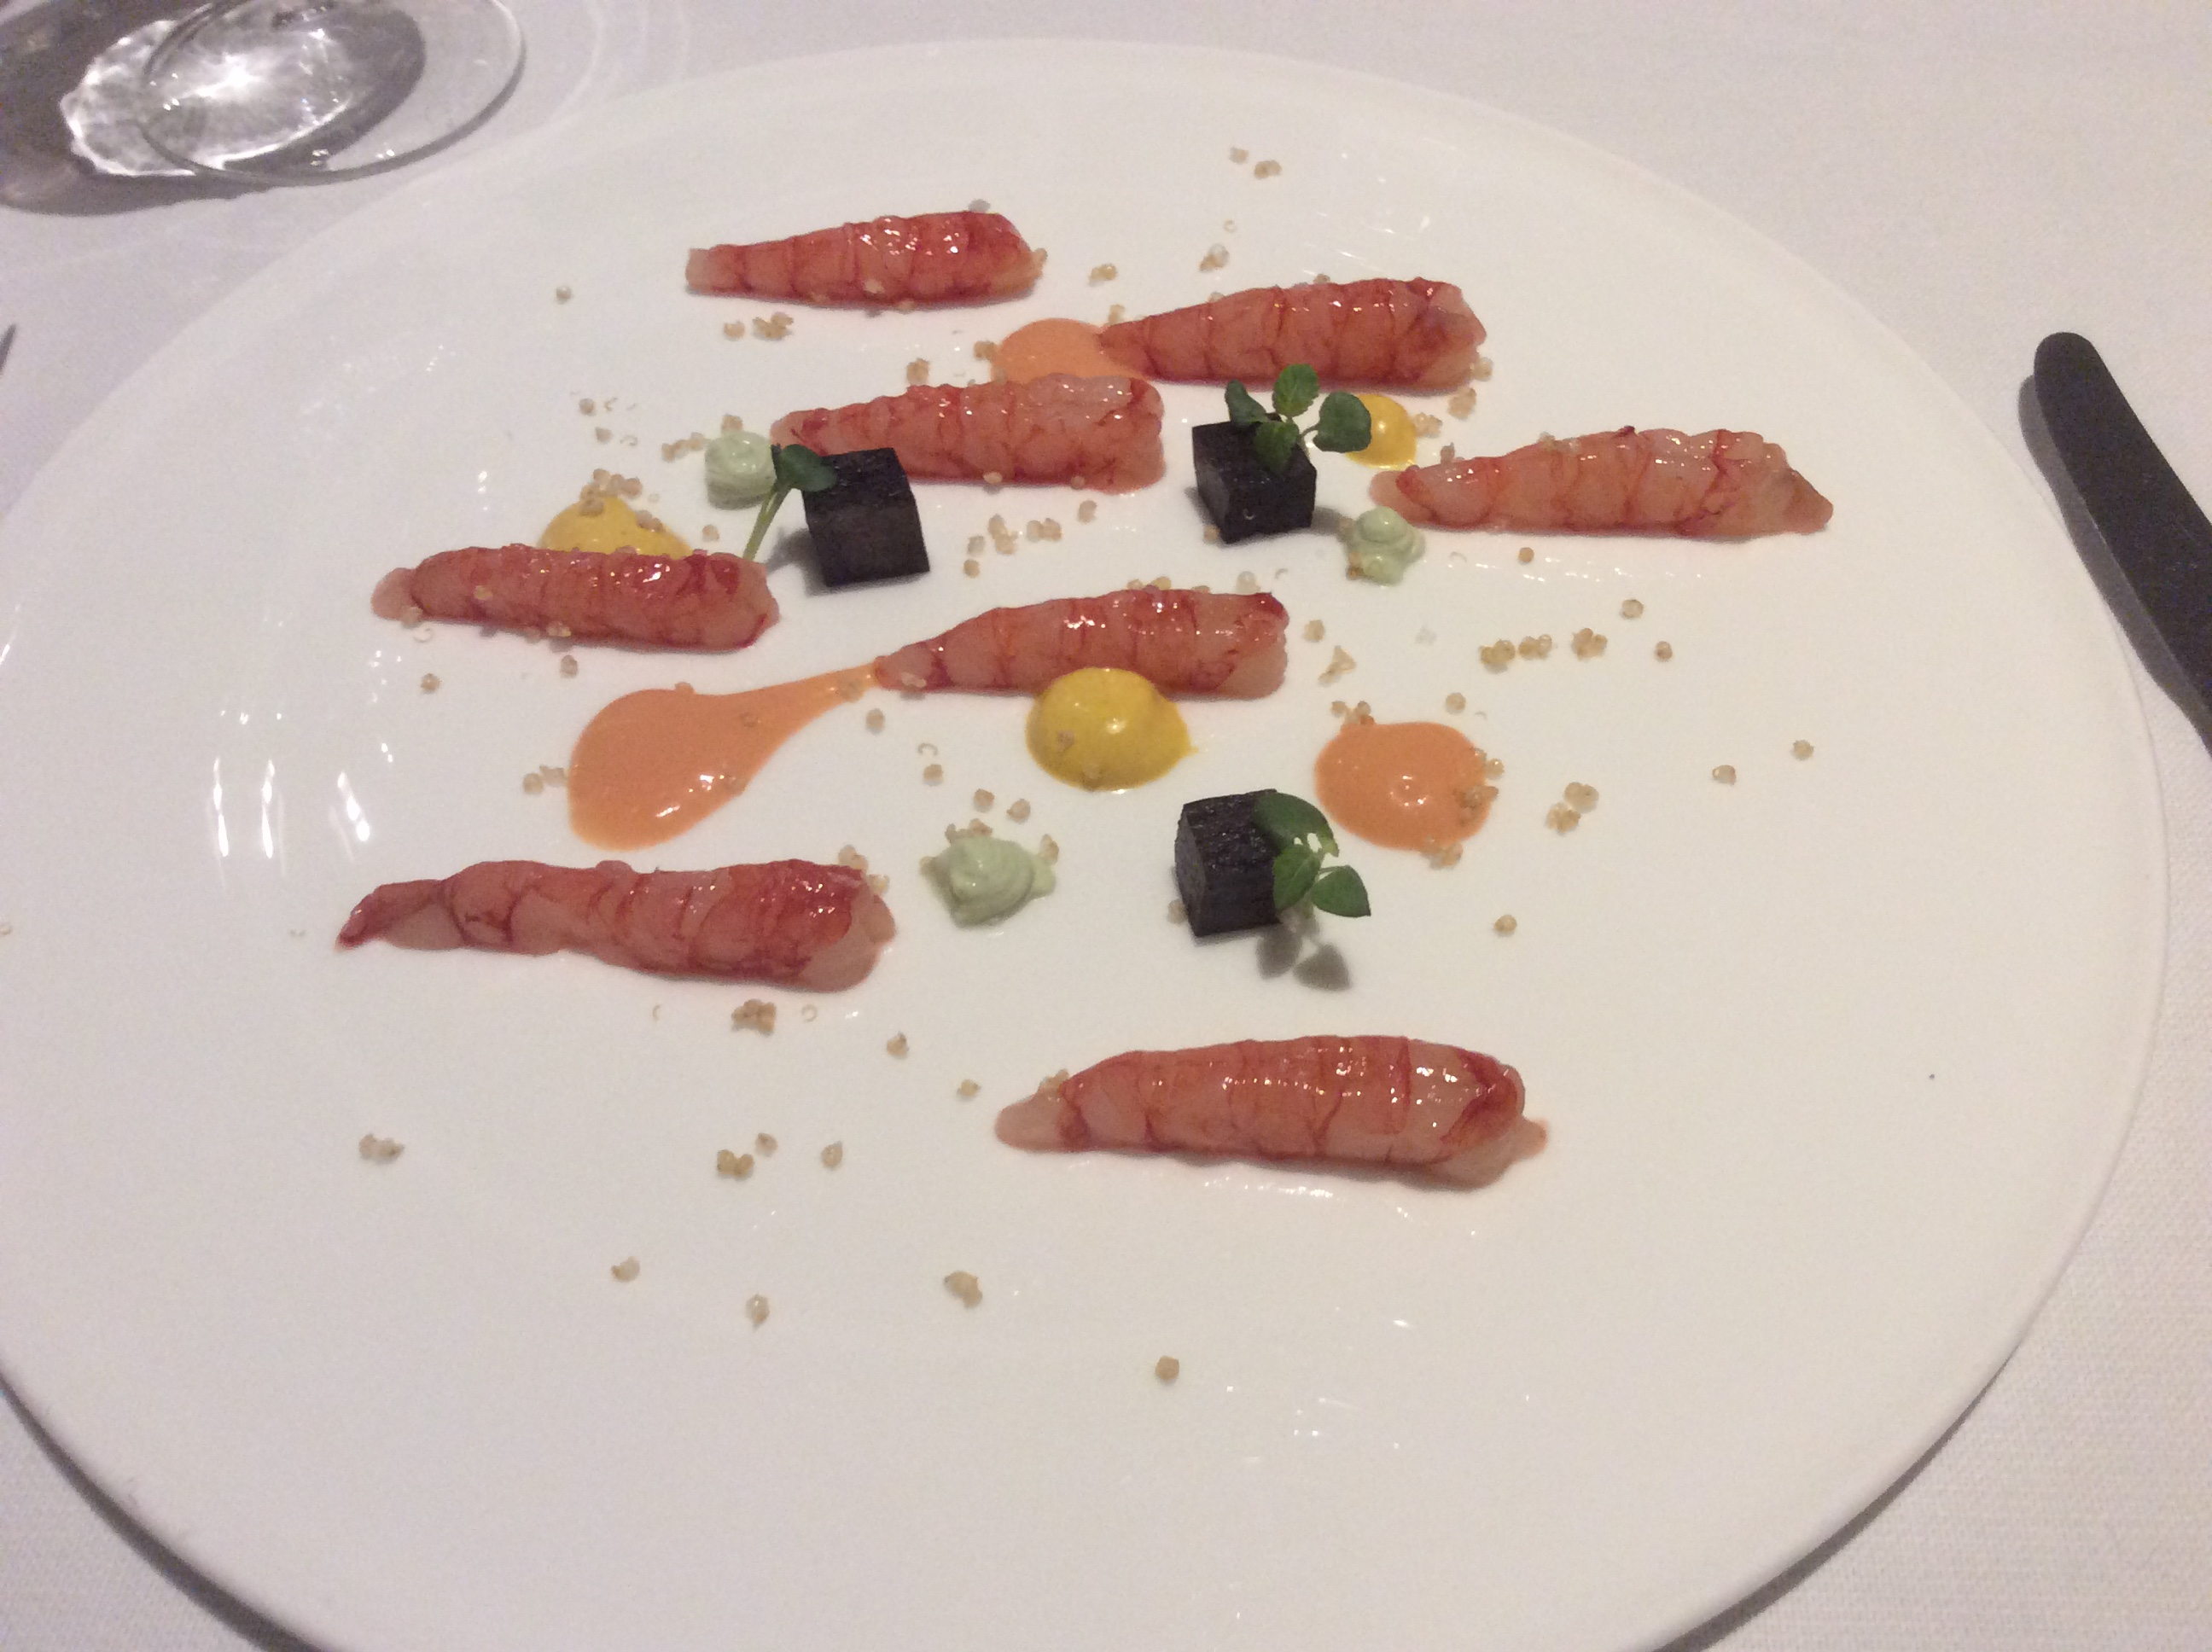 http://gourmet-italian.com/3984.JPG